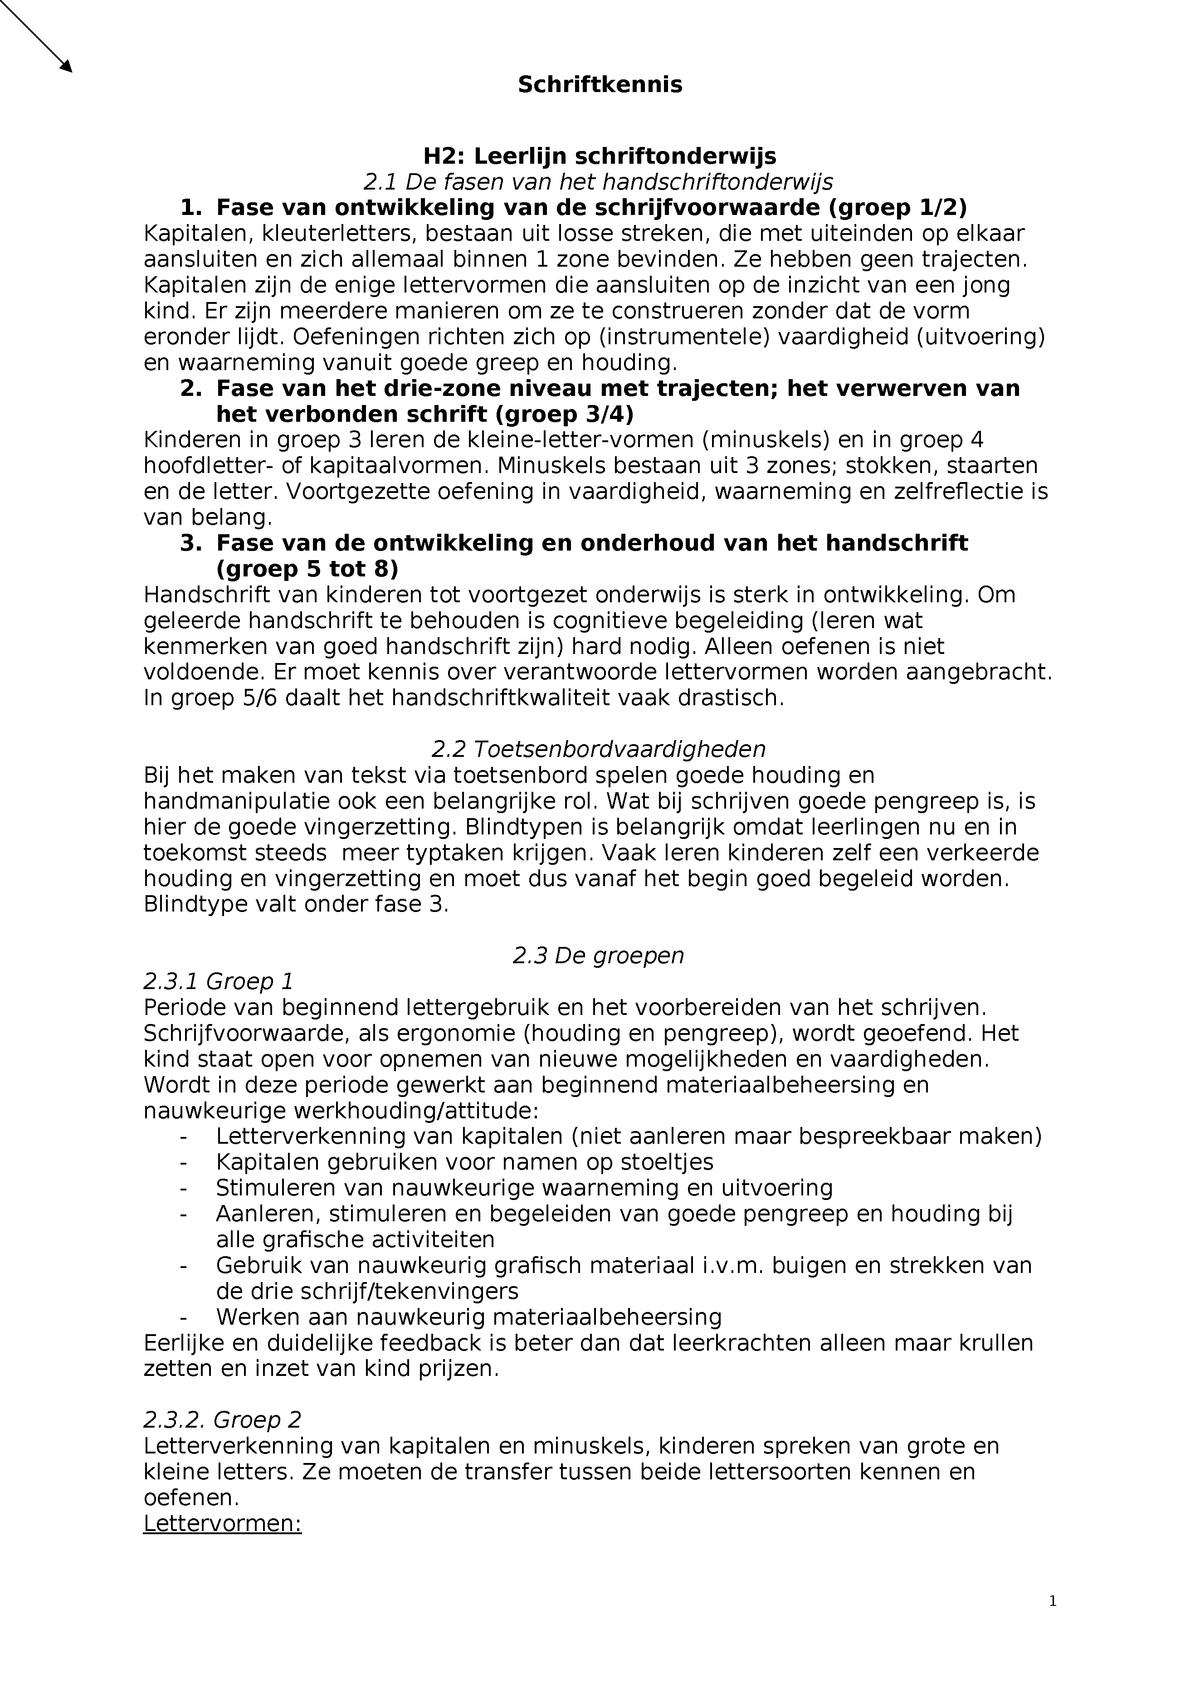 Spiksplinternieuw Schriftkennis H2,3,4,5,7,8.2,9,10,12.2 - - CHE - StudeerSnel FX-29